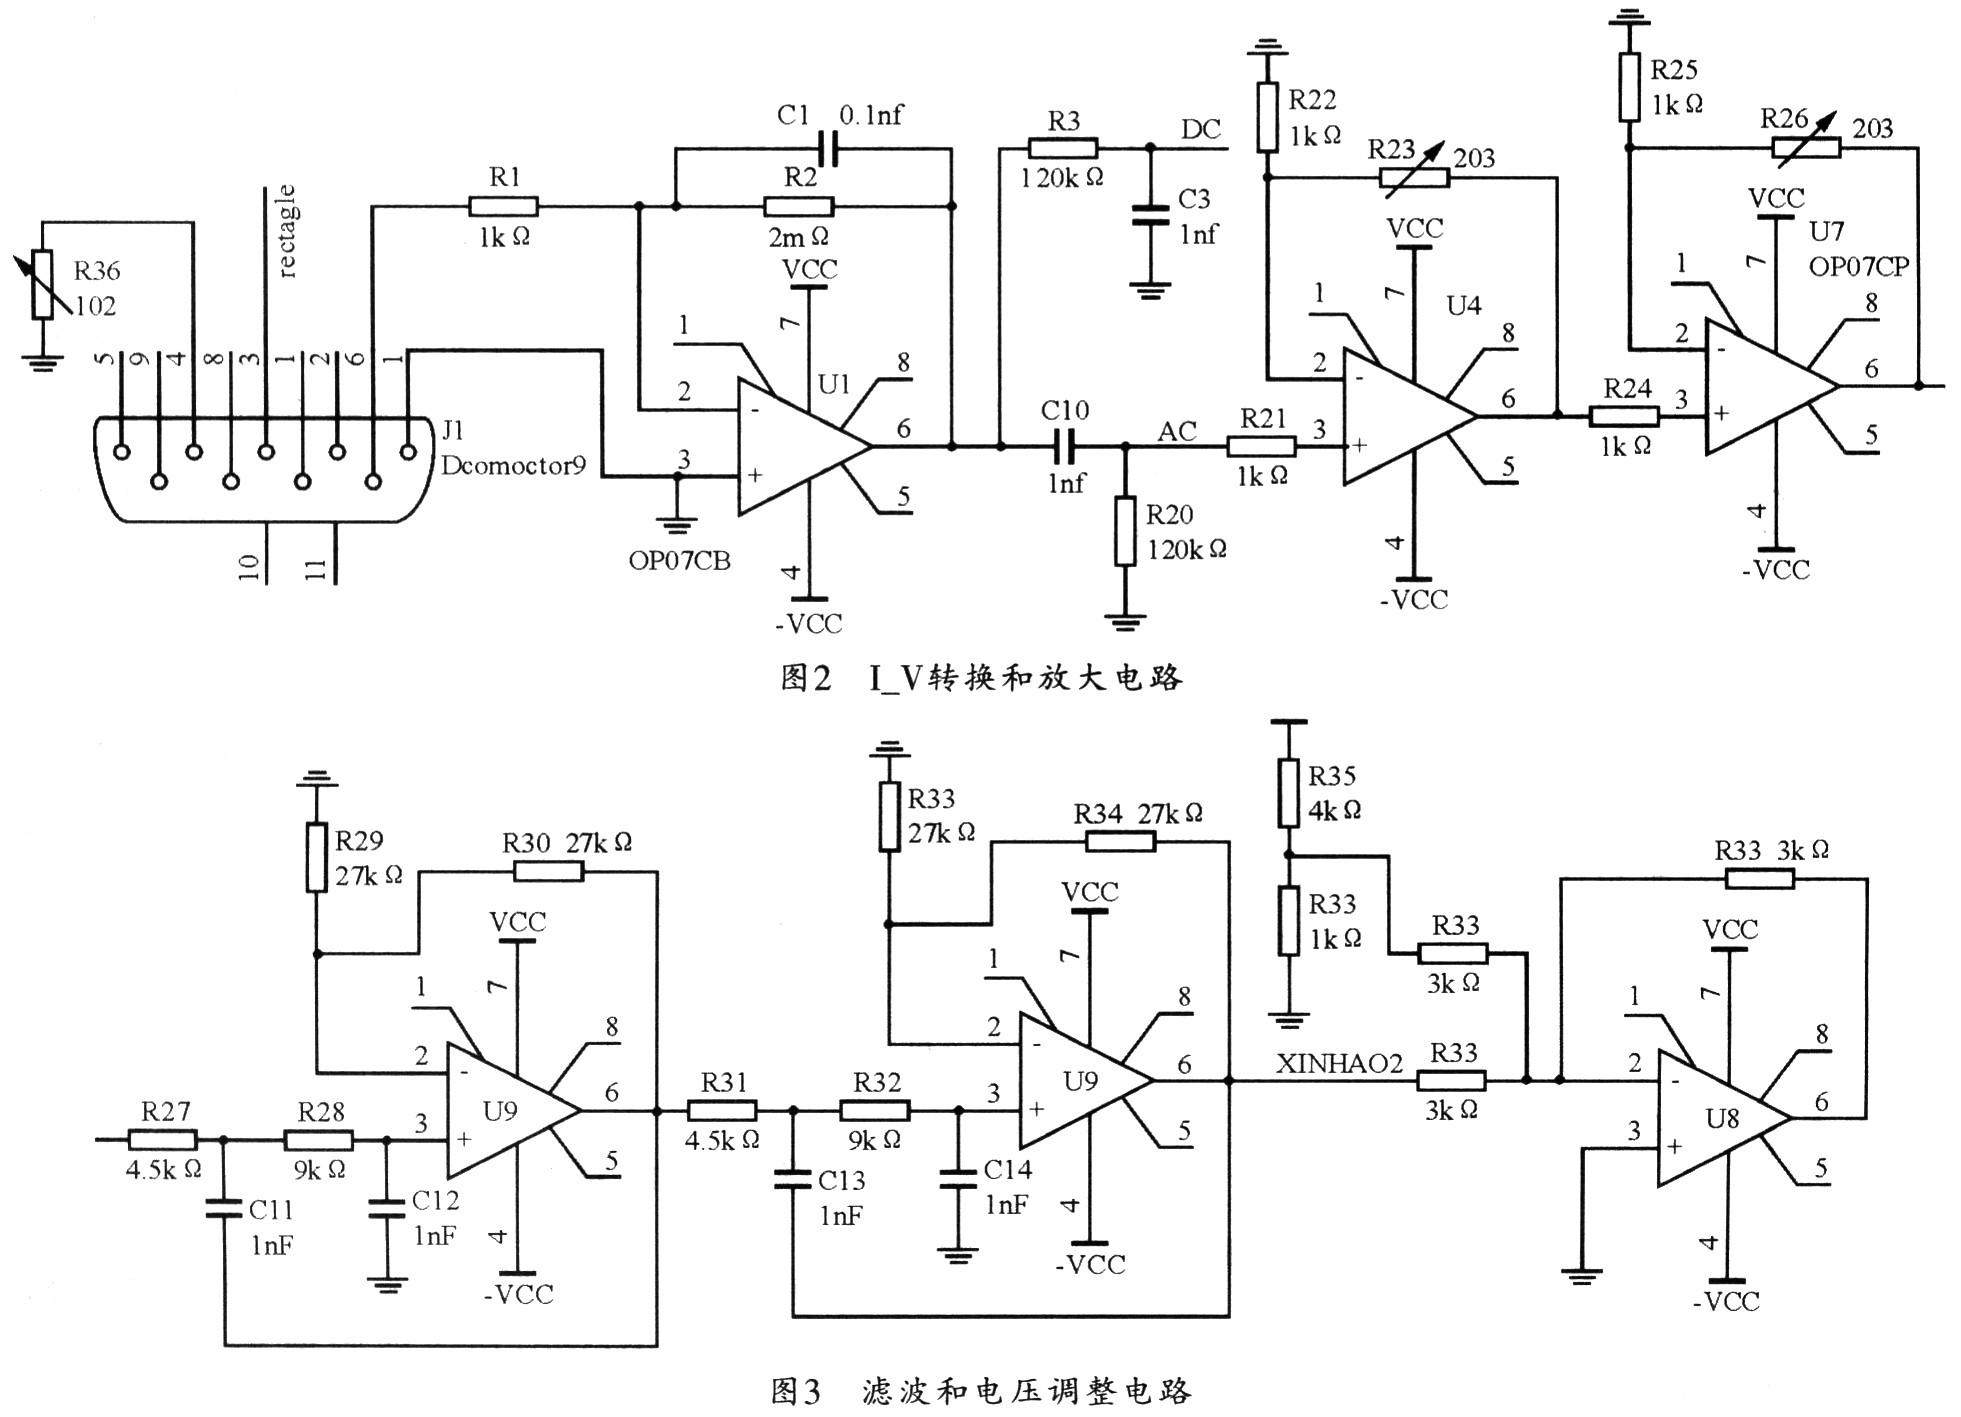 3.2 射频电路   nRF905射频芯片是Nordic公司采用VLSIShoctBurst技术开发的产品,能够提供高速的数据传输而不需要昂贵的高速MCU来进行数据处理/时钟覆盖。通过将与RF协议有关的高速信号处理放到芯片内,nRF905可提供给微控制器一个SPI接口,其速率由微控制器自己设定的接口速度决定。通过SPI接口进行编程配置,可以实现很低的电流消耗。在发射功率为-10 dBm时,发射电流为11 mA,接收电流为12.